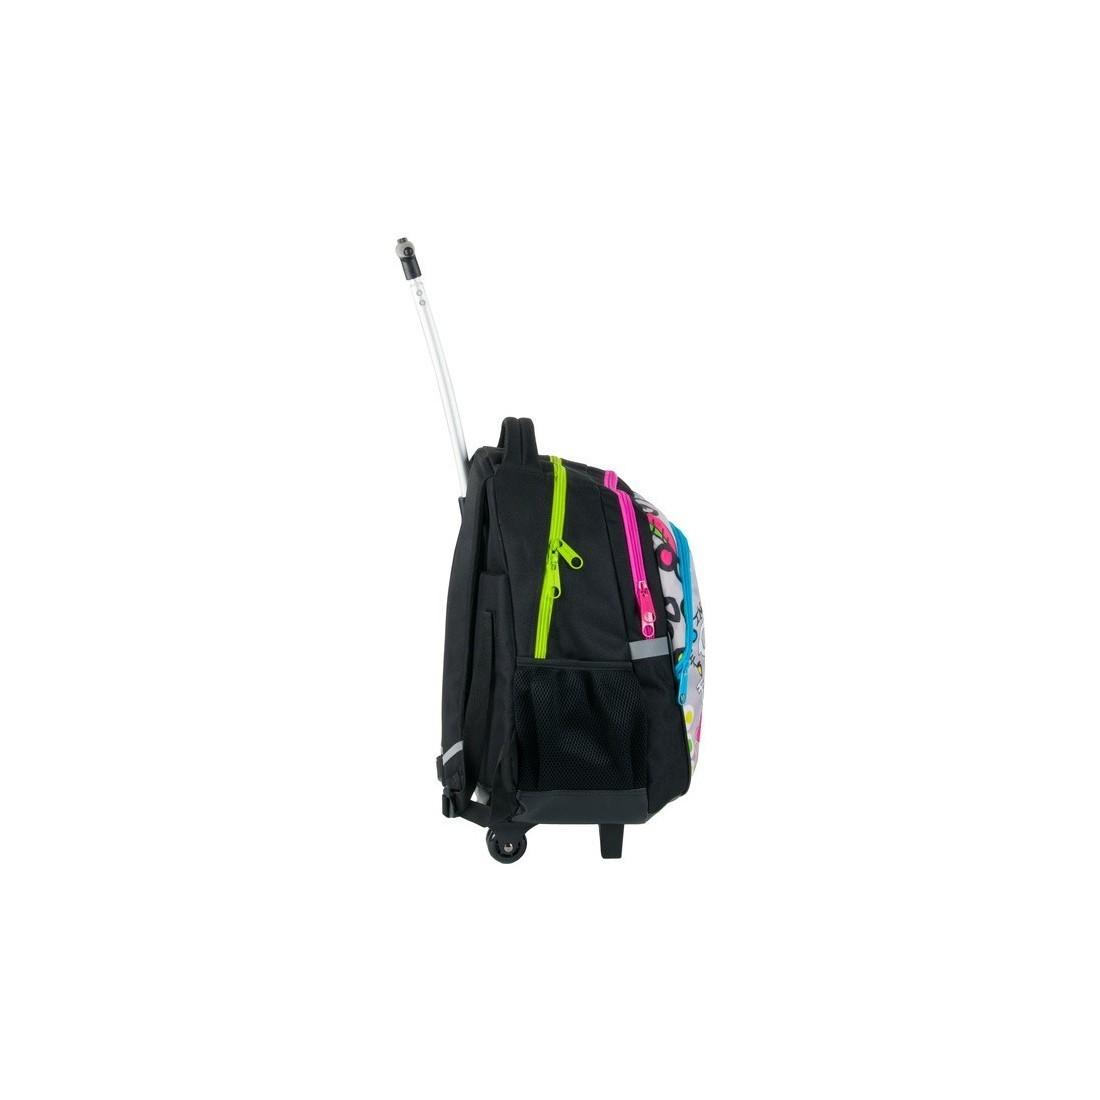 80623be5a9f65 Plecak na kółkach do szkoły Paso Dream Big kolorowy dla dziewczynki ...